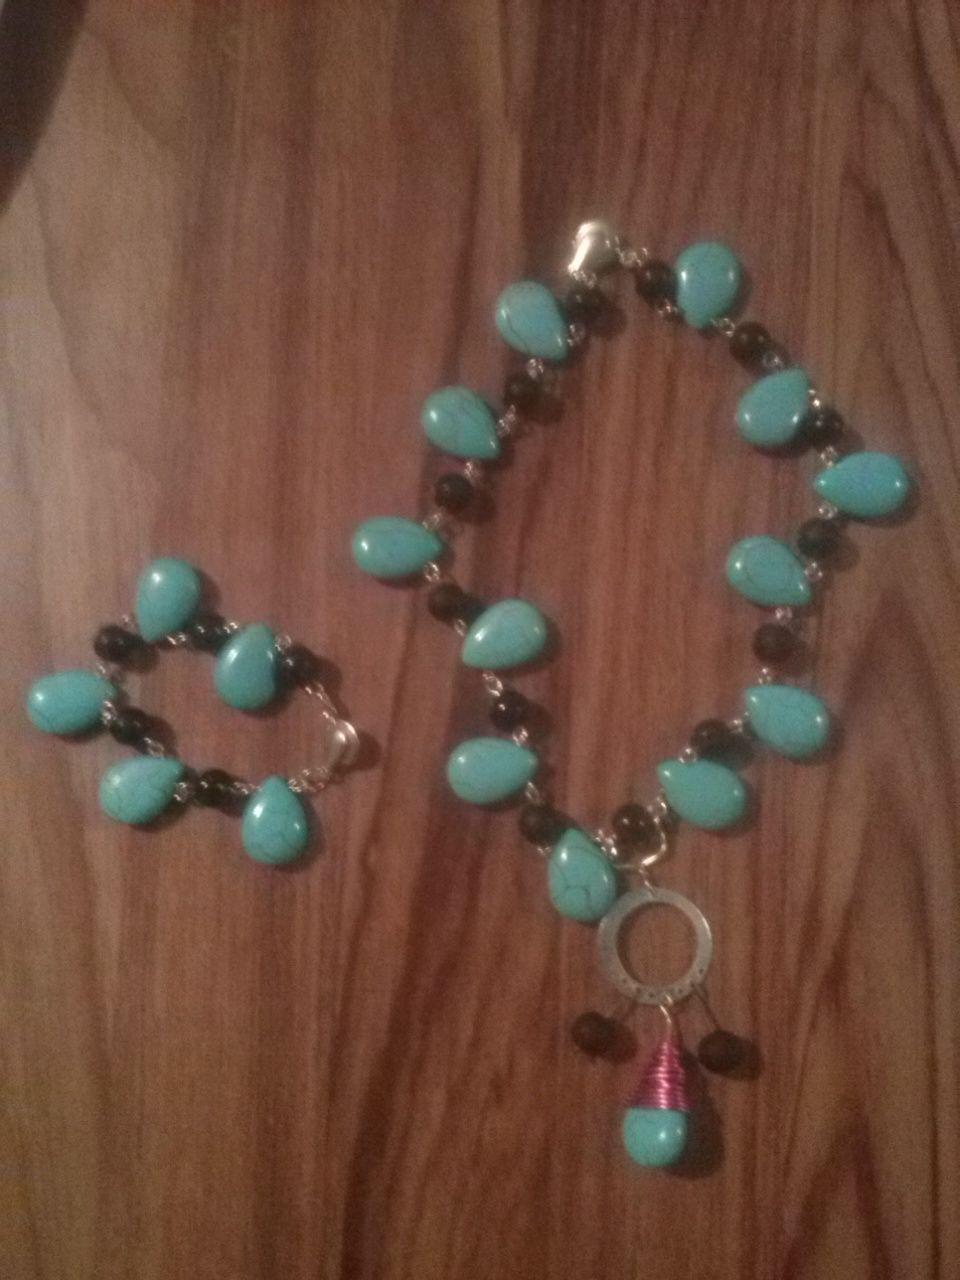 ea3deaf40f00 collar y pulsera para niña piedra azul y cristal en color cafe ...